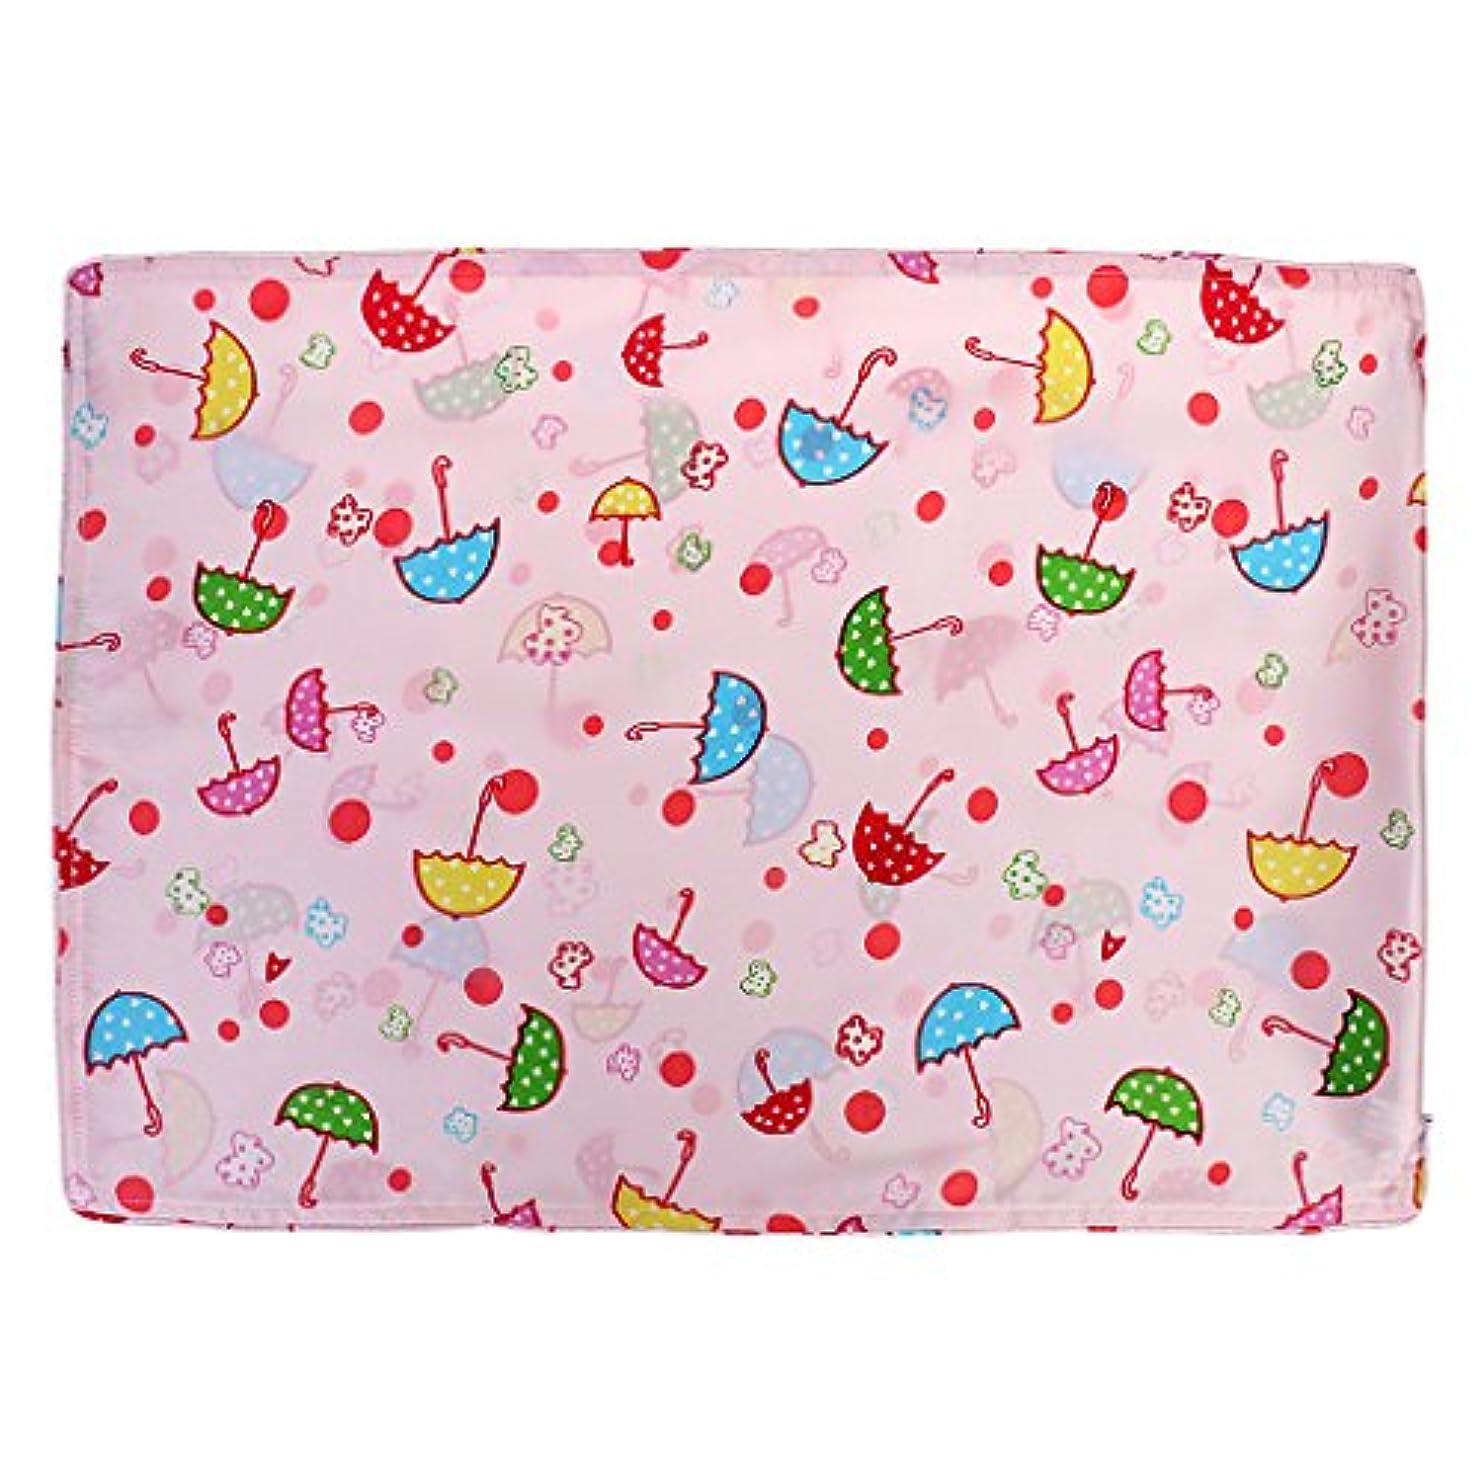 霜回復する震えかわいい赤ちゃんキッズ100%シルクサテン両面枕カバー30 * 45センチメートル傘ピンク